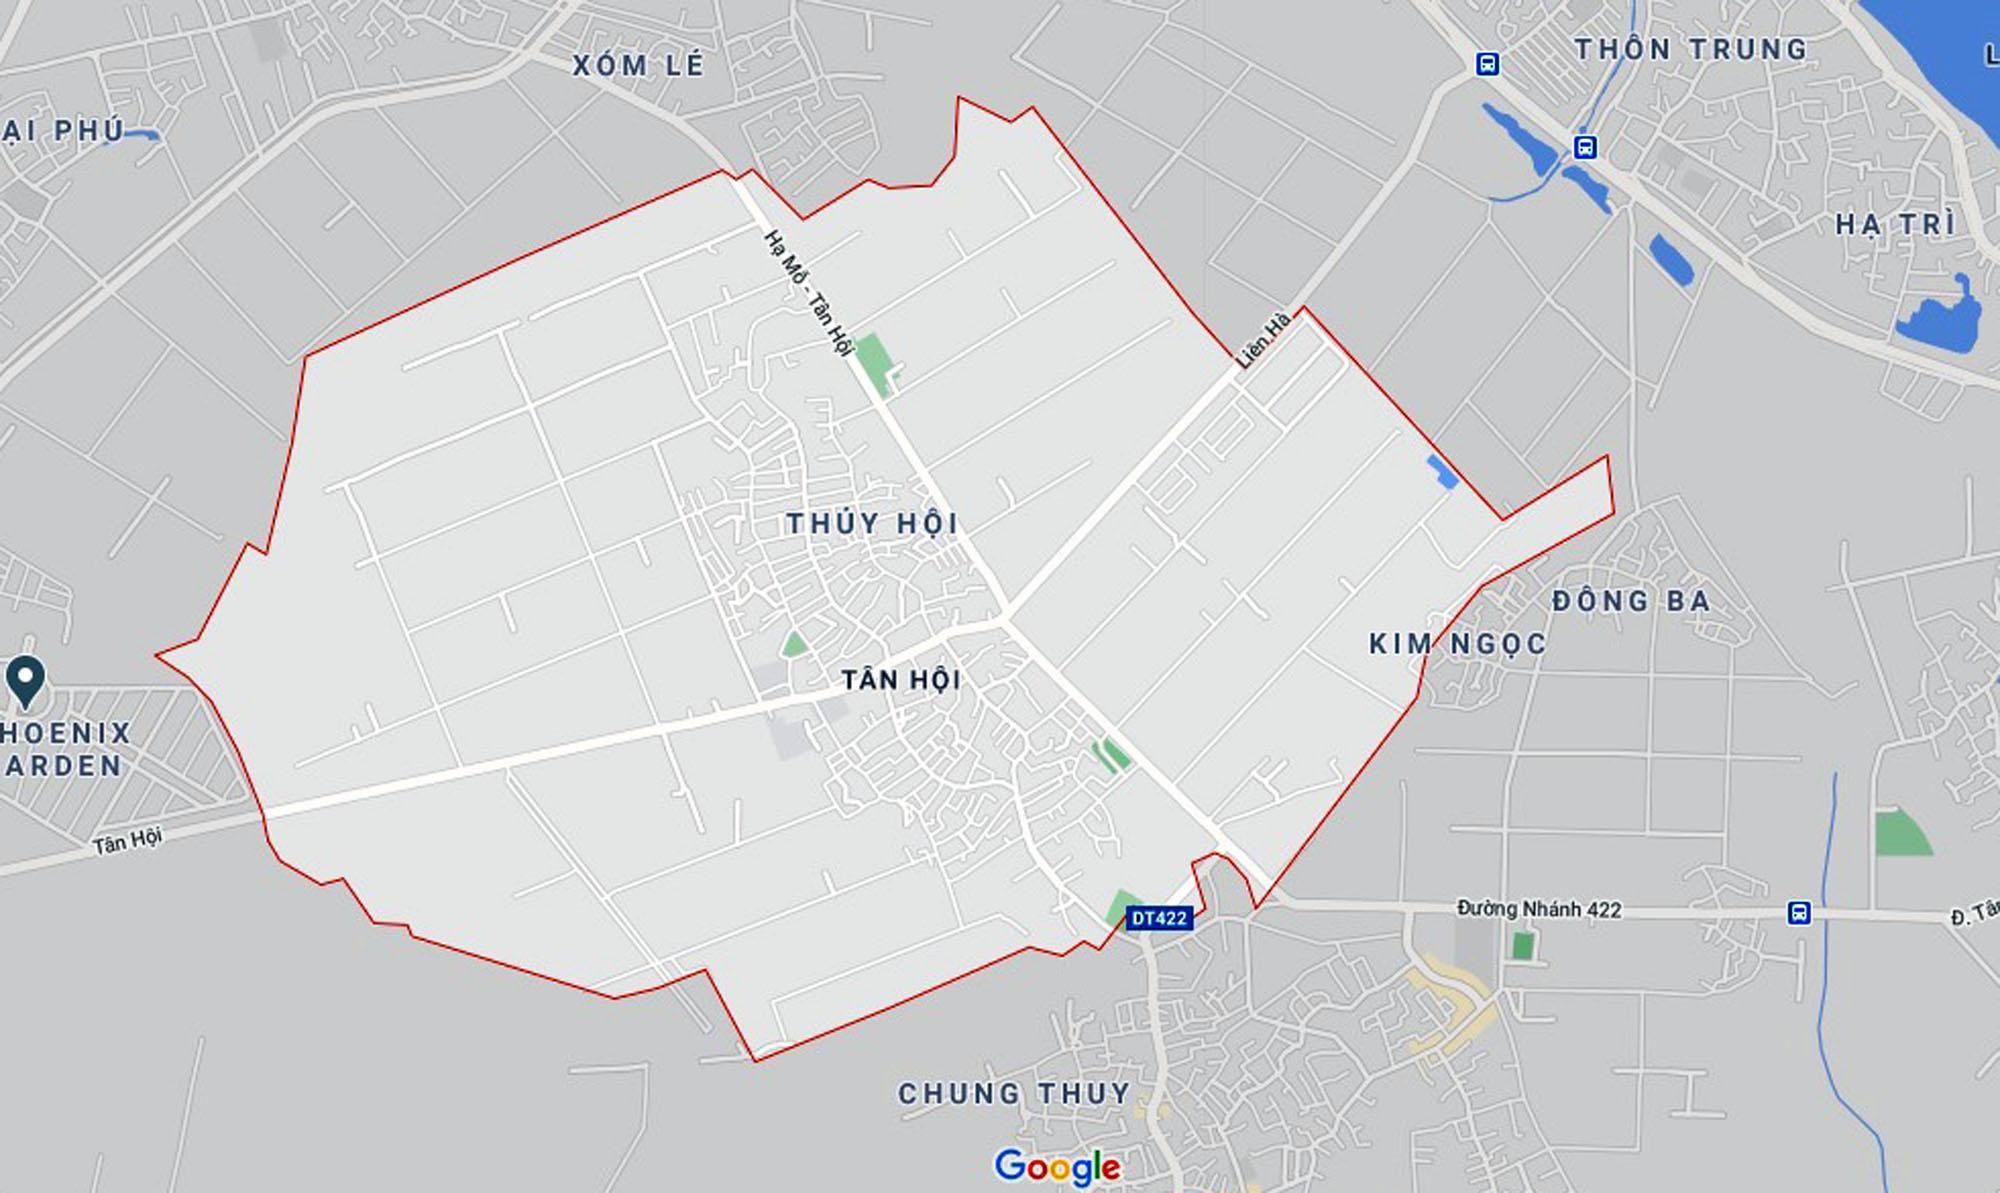 Ba đường sẽ mở theo qui hoạch ở xã Tân Hội, Đan Phượng, Hà Nội - Ảnh 1.